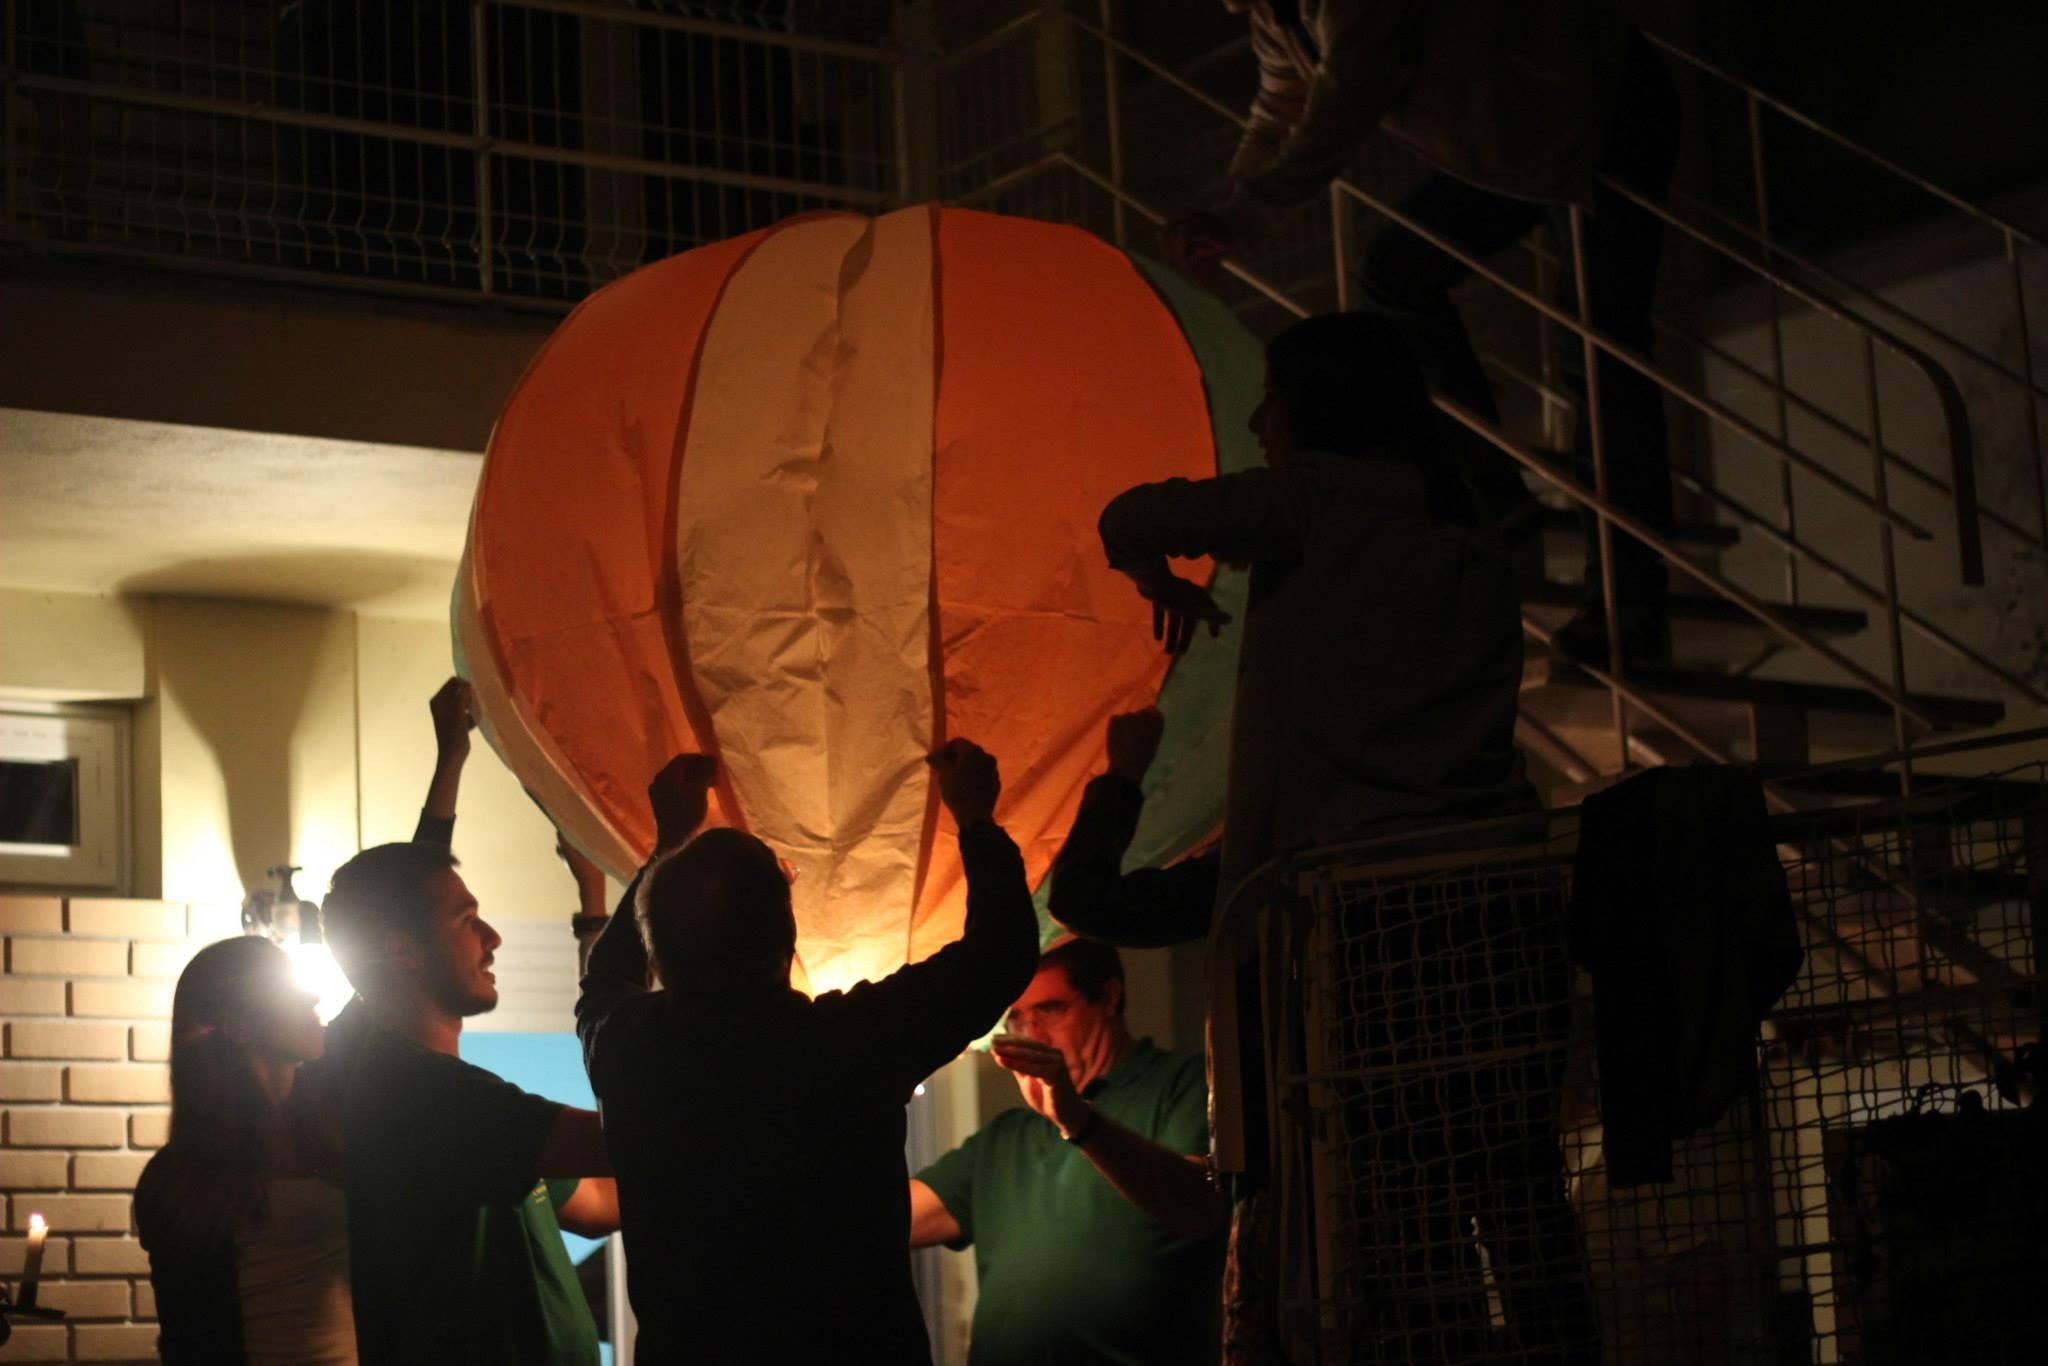 Proibido lançar balões de São João